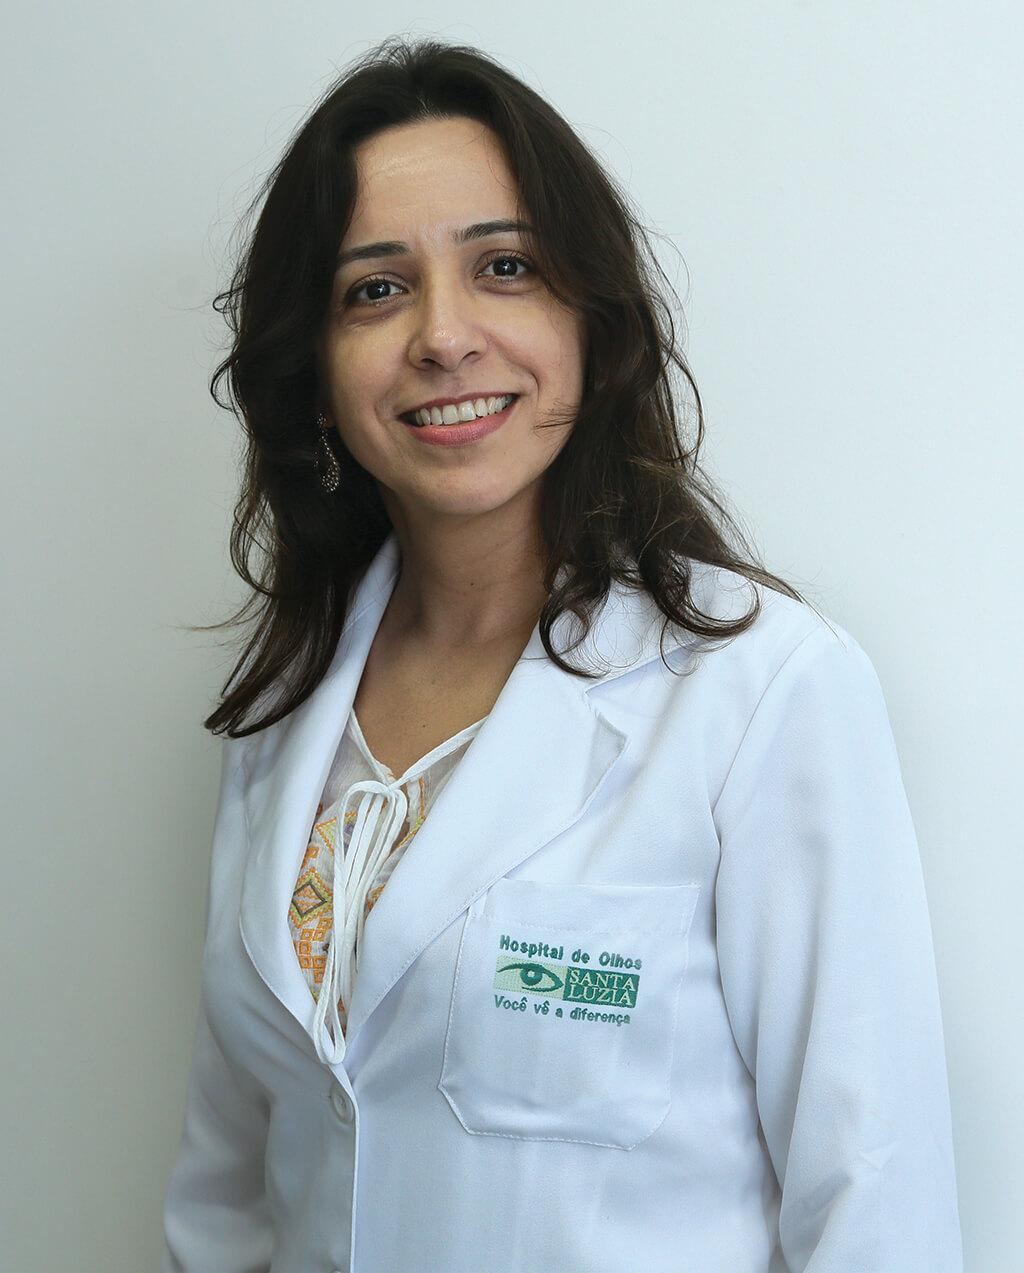 Flávia Carvalho (CRM 10993)